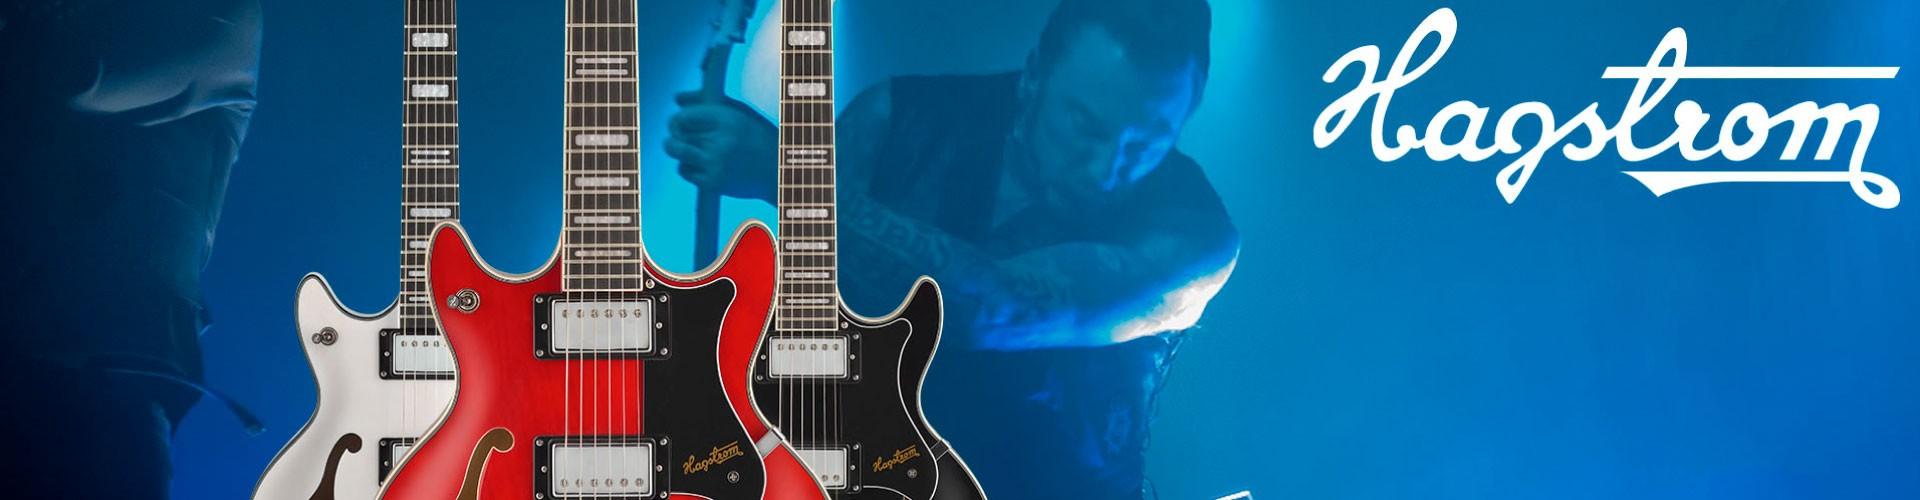 Guitarras Eléctricas Hagstrom Alvar